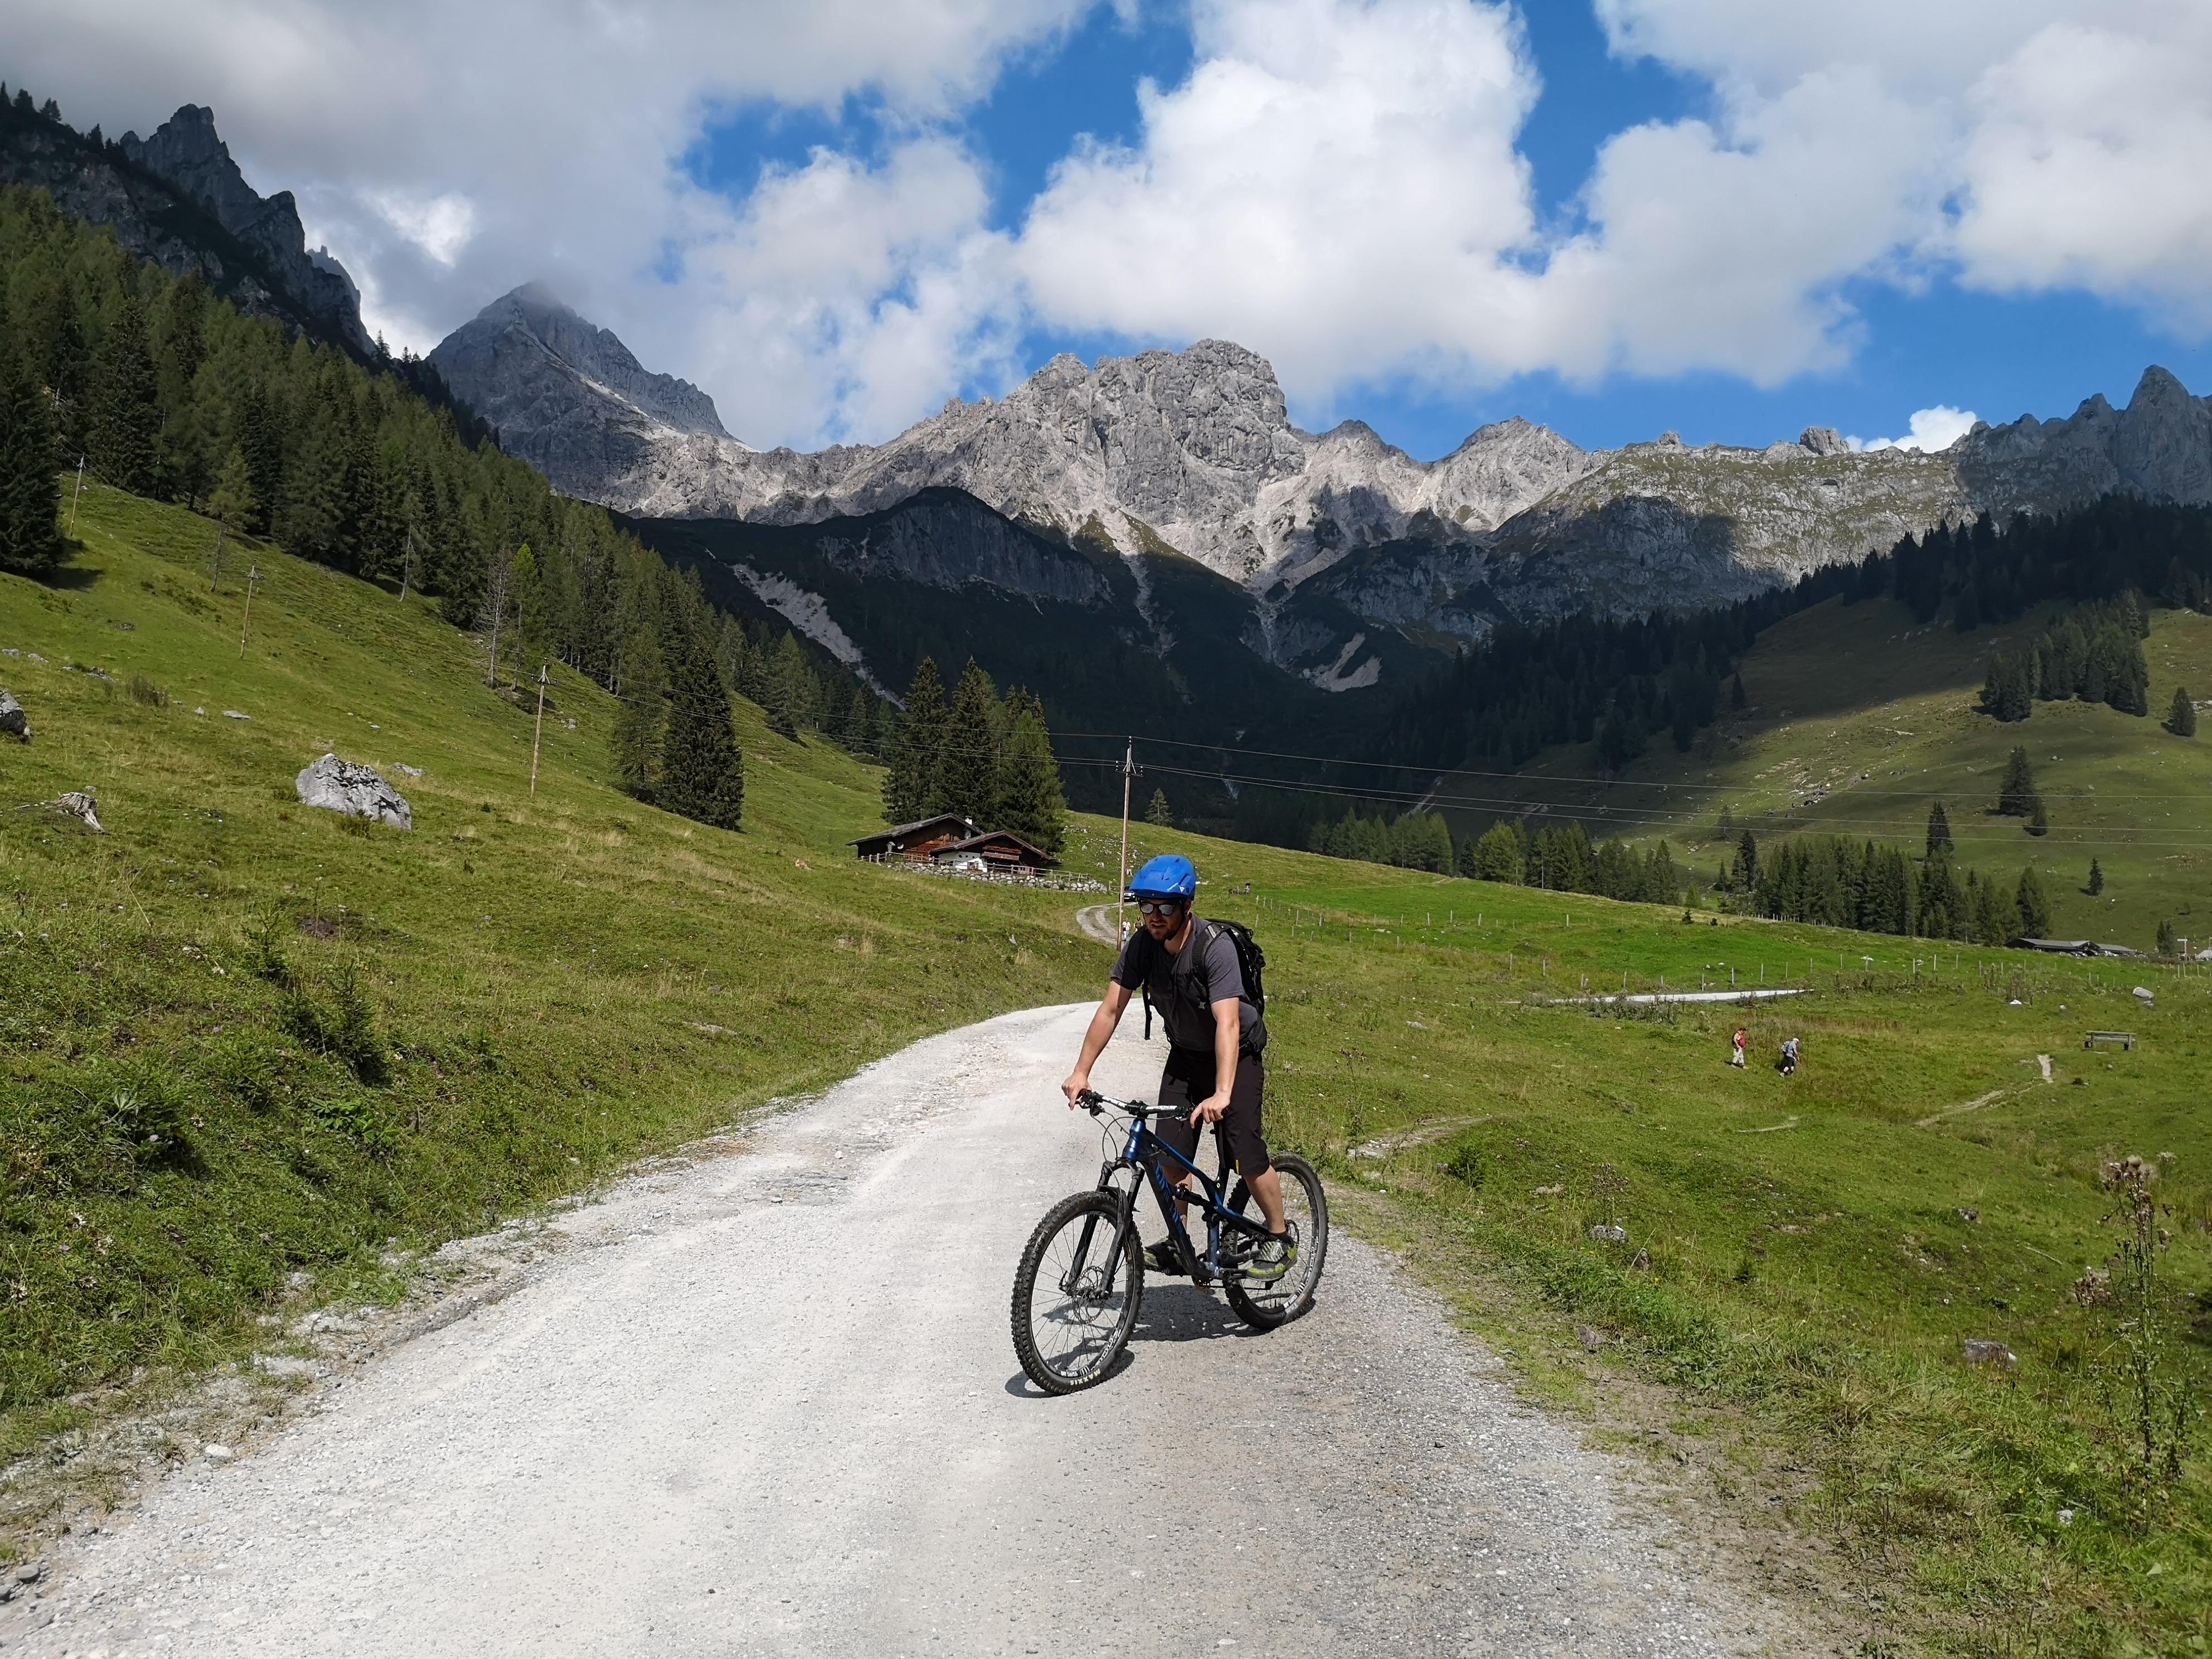 rowerzysta w pięknych górach